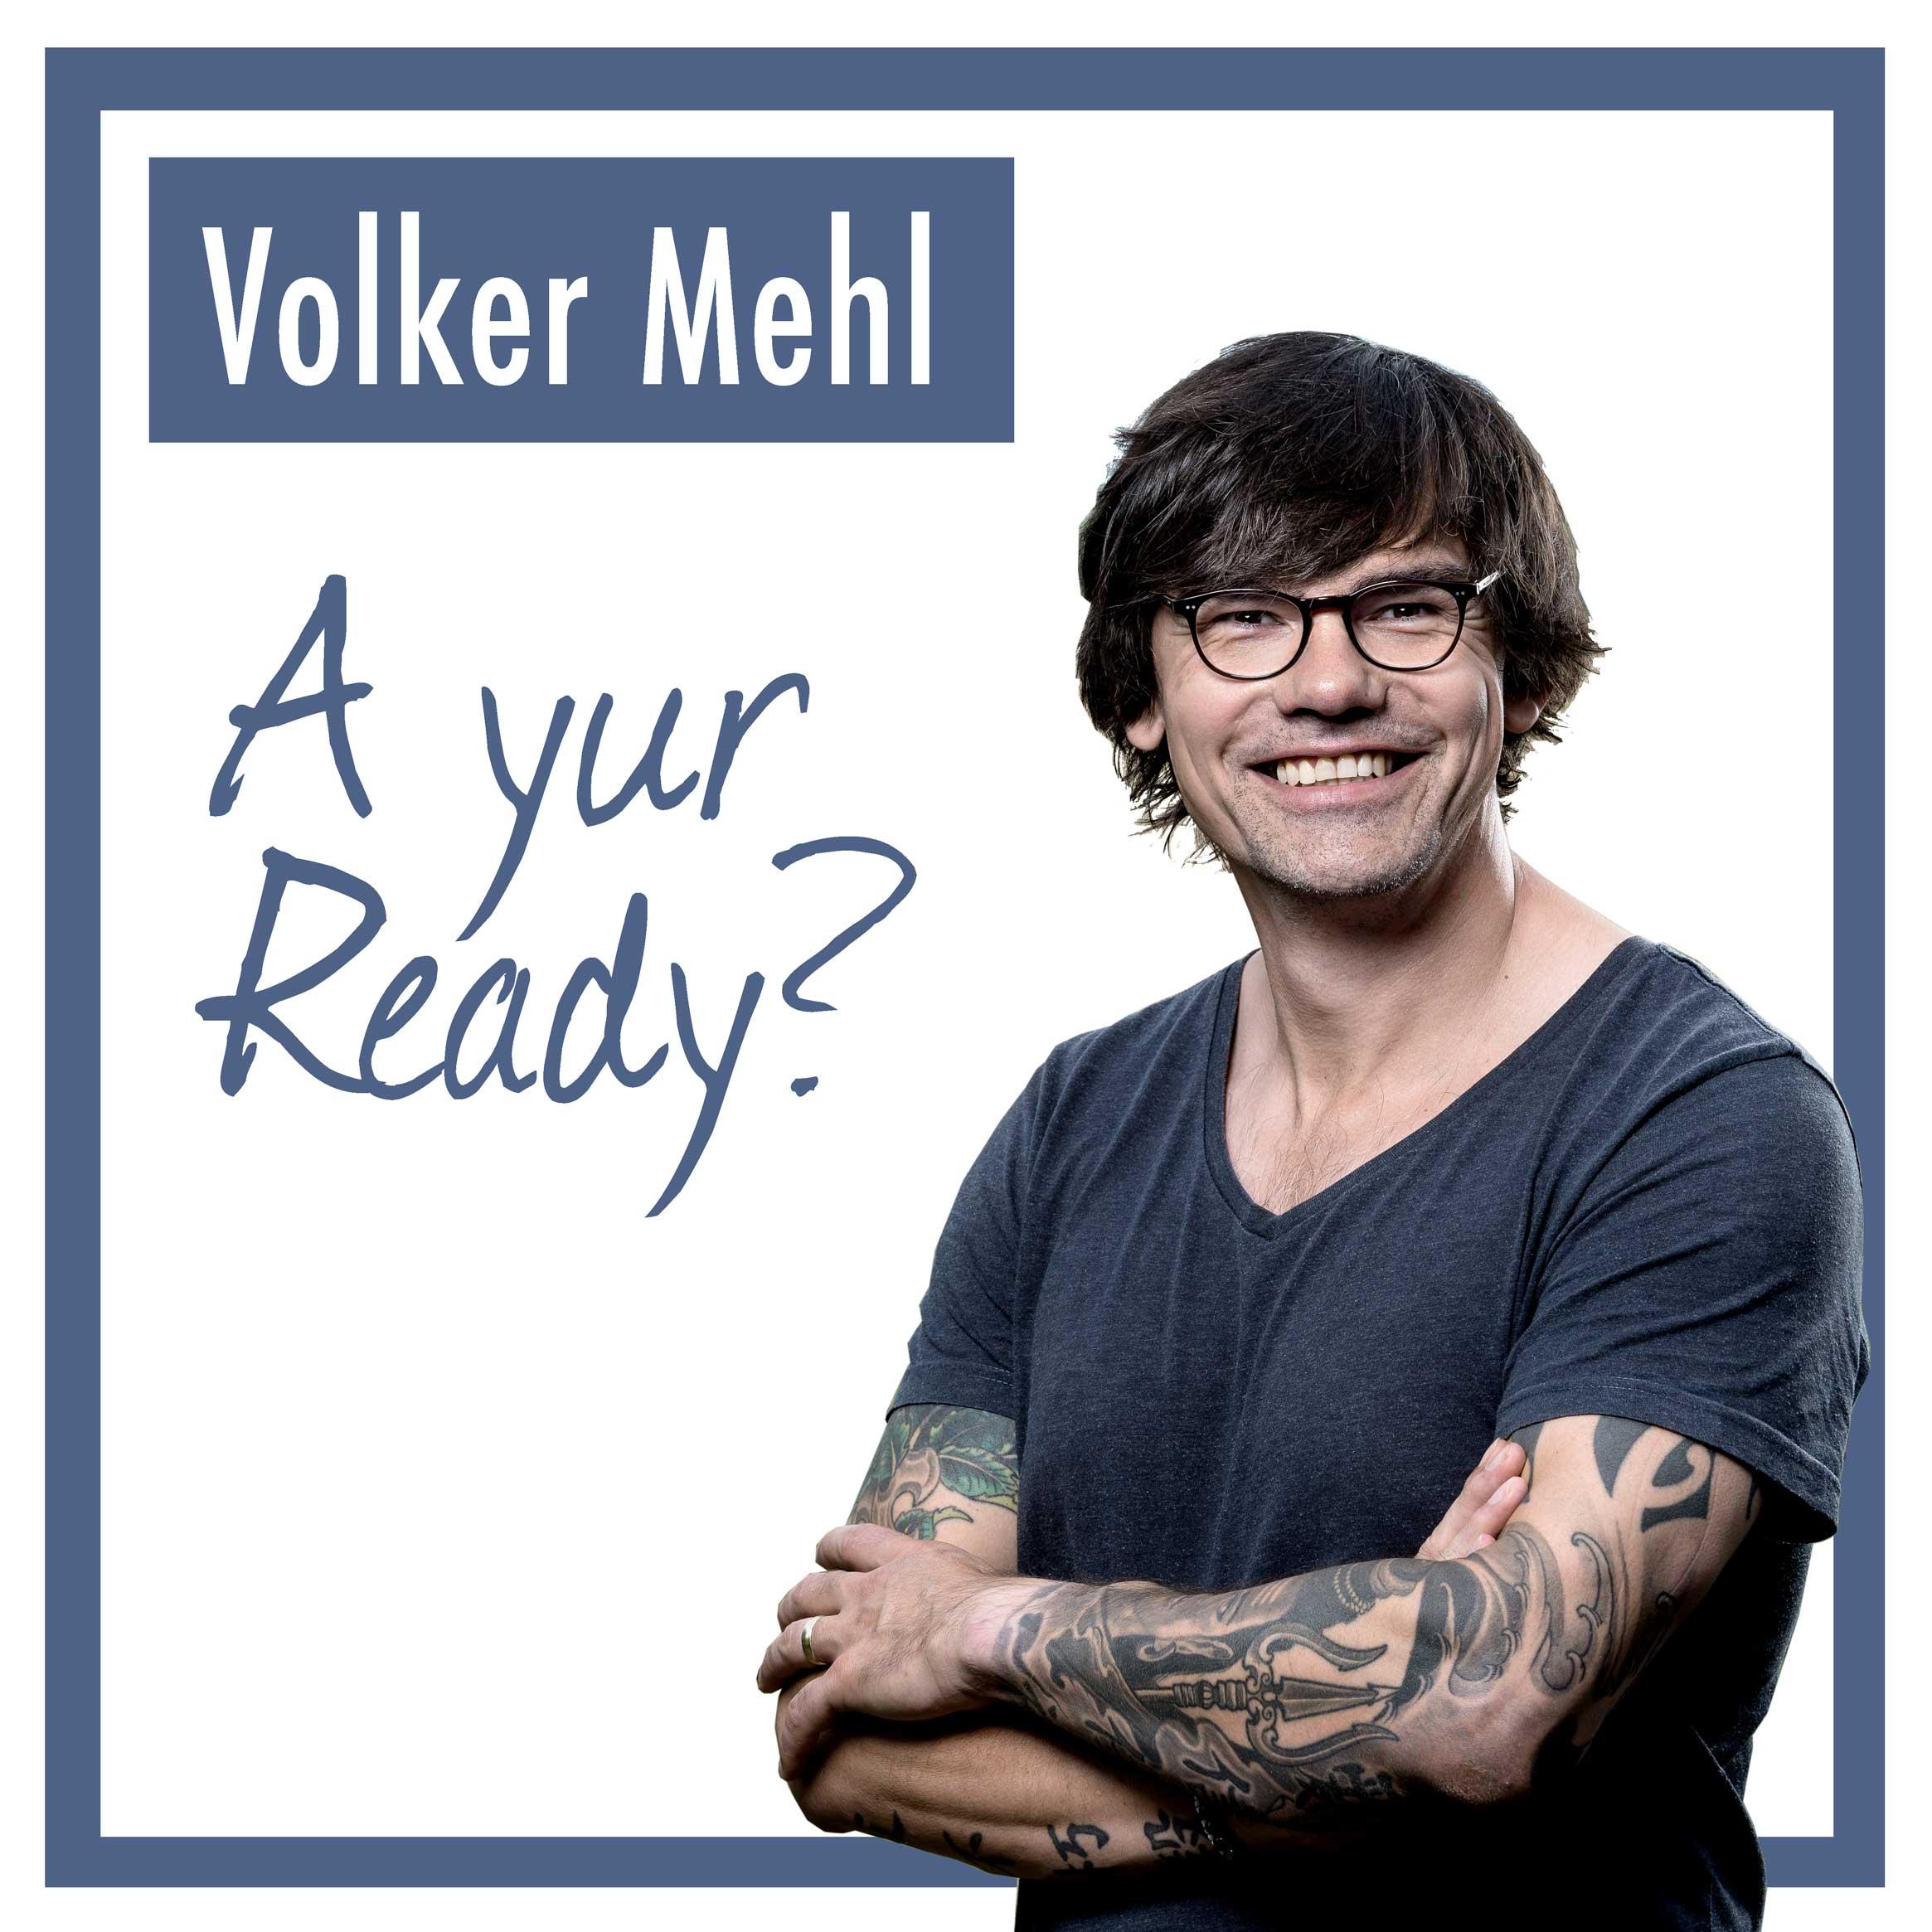 A yur Ready? Der Podcast von Volker Mehl show art